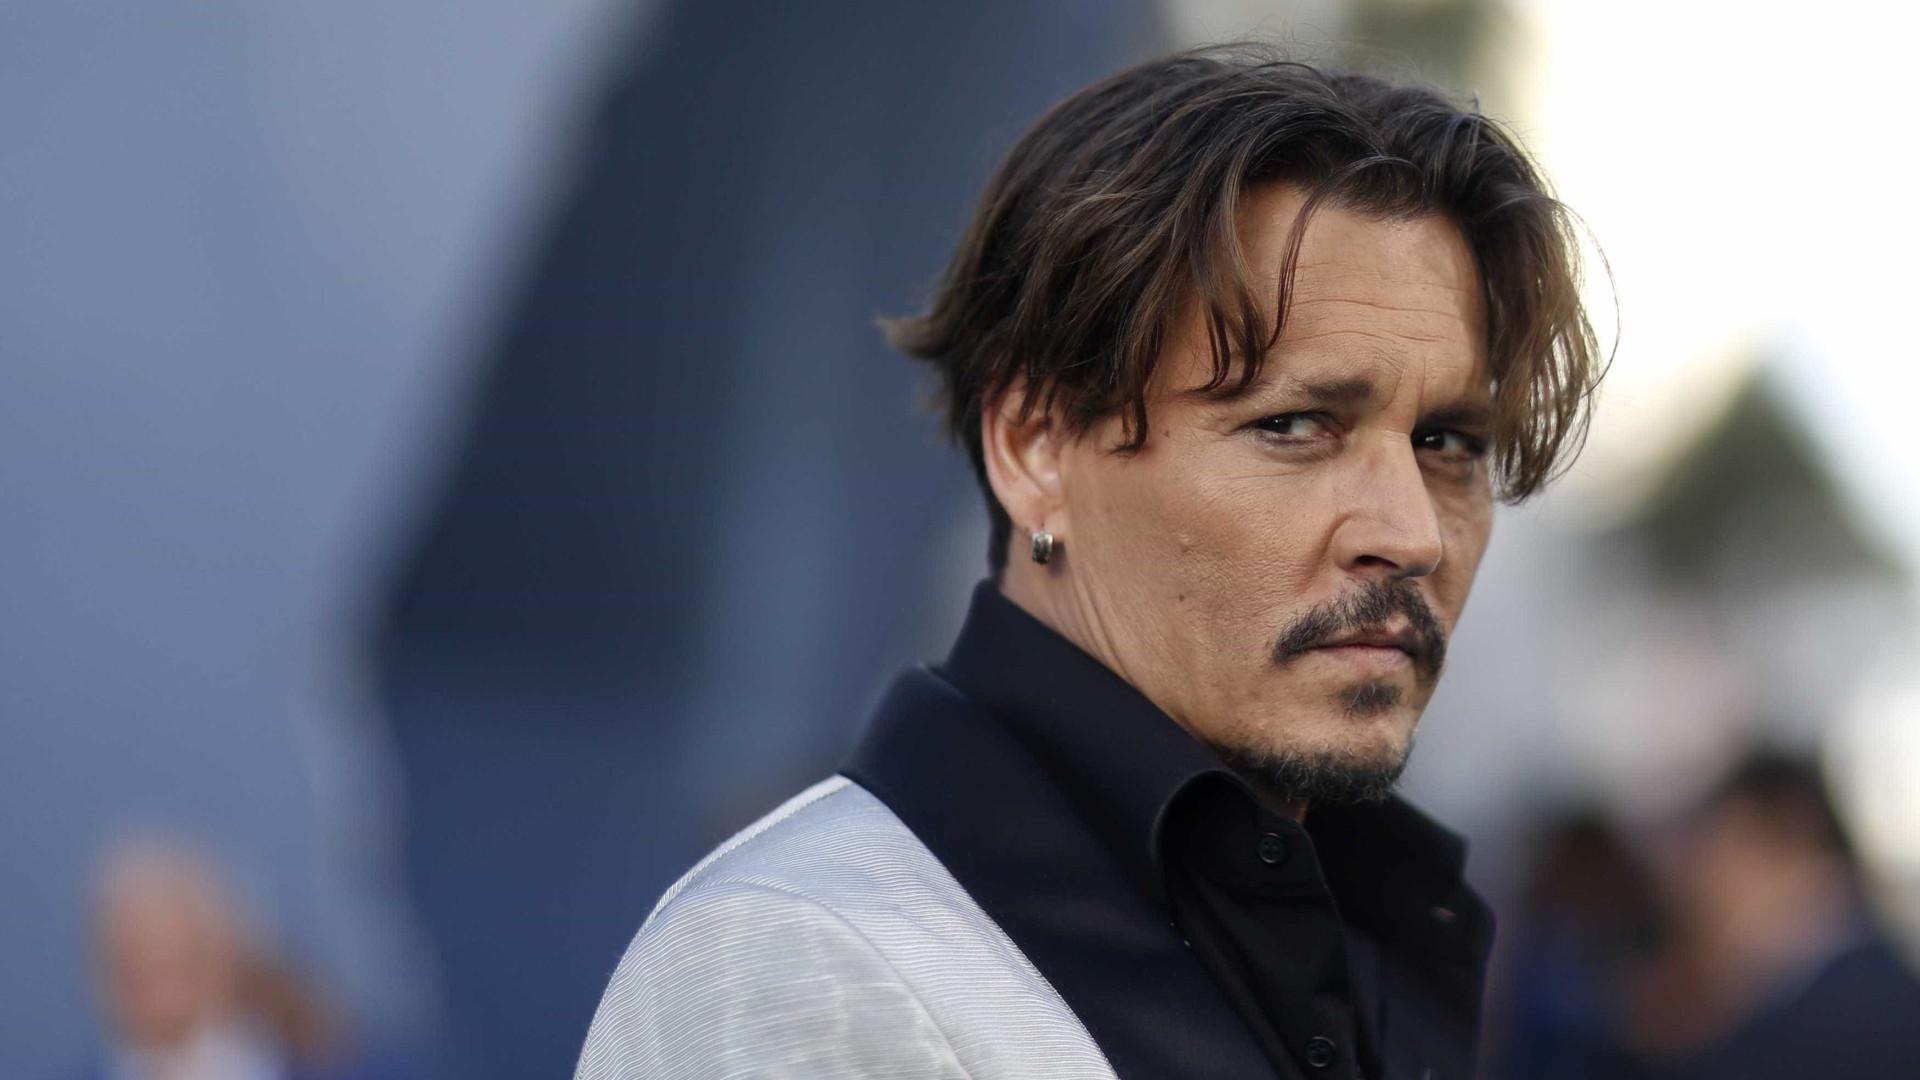 Ator Johnny Depp é acusado de agredir produtor de locação